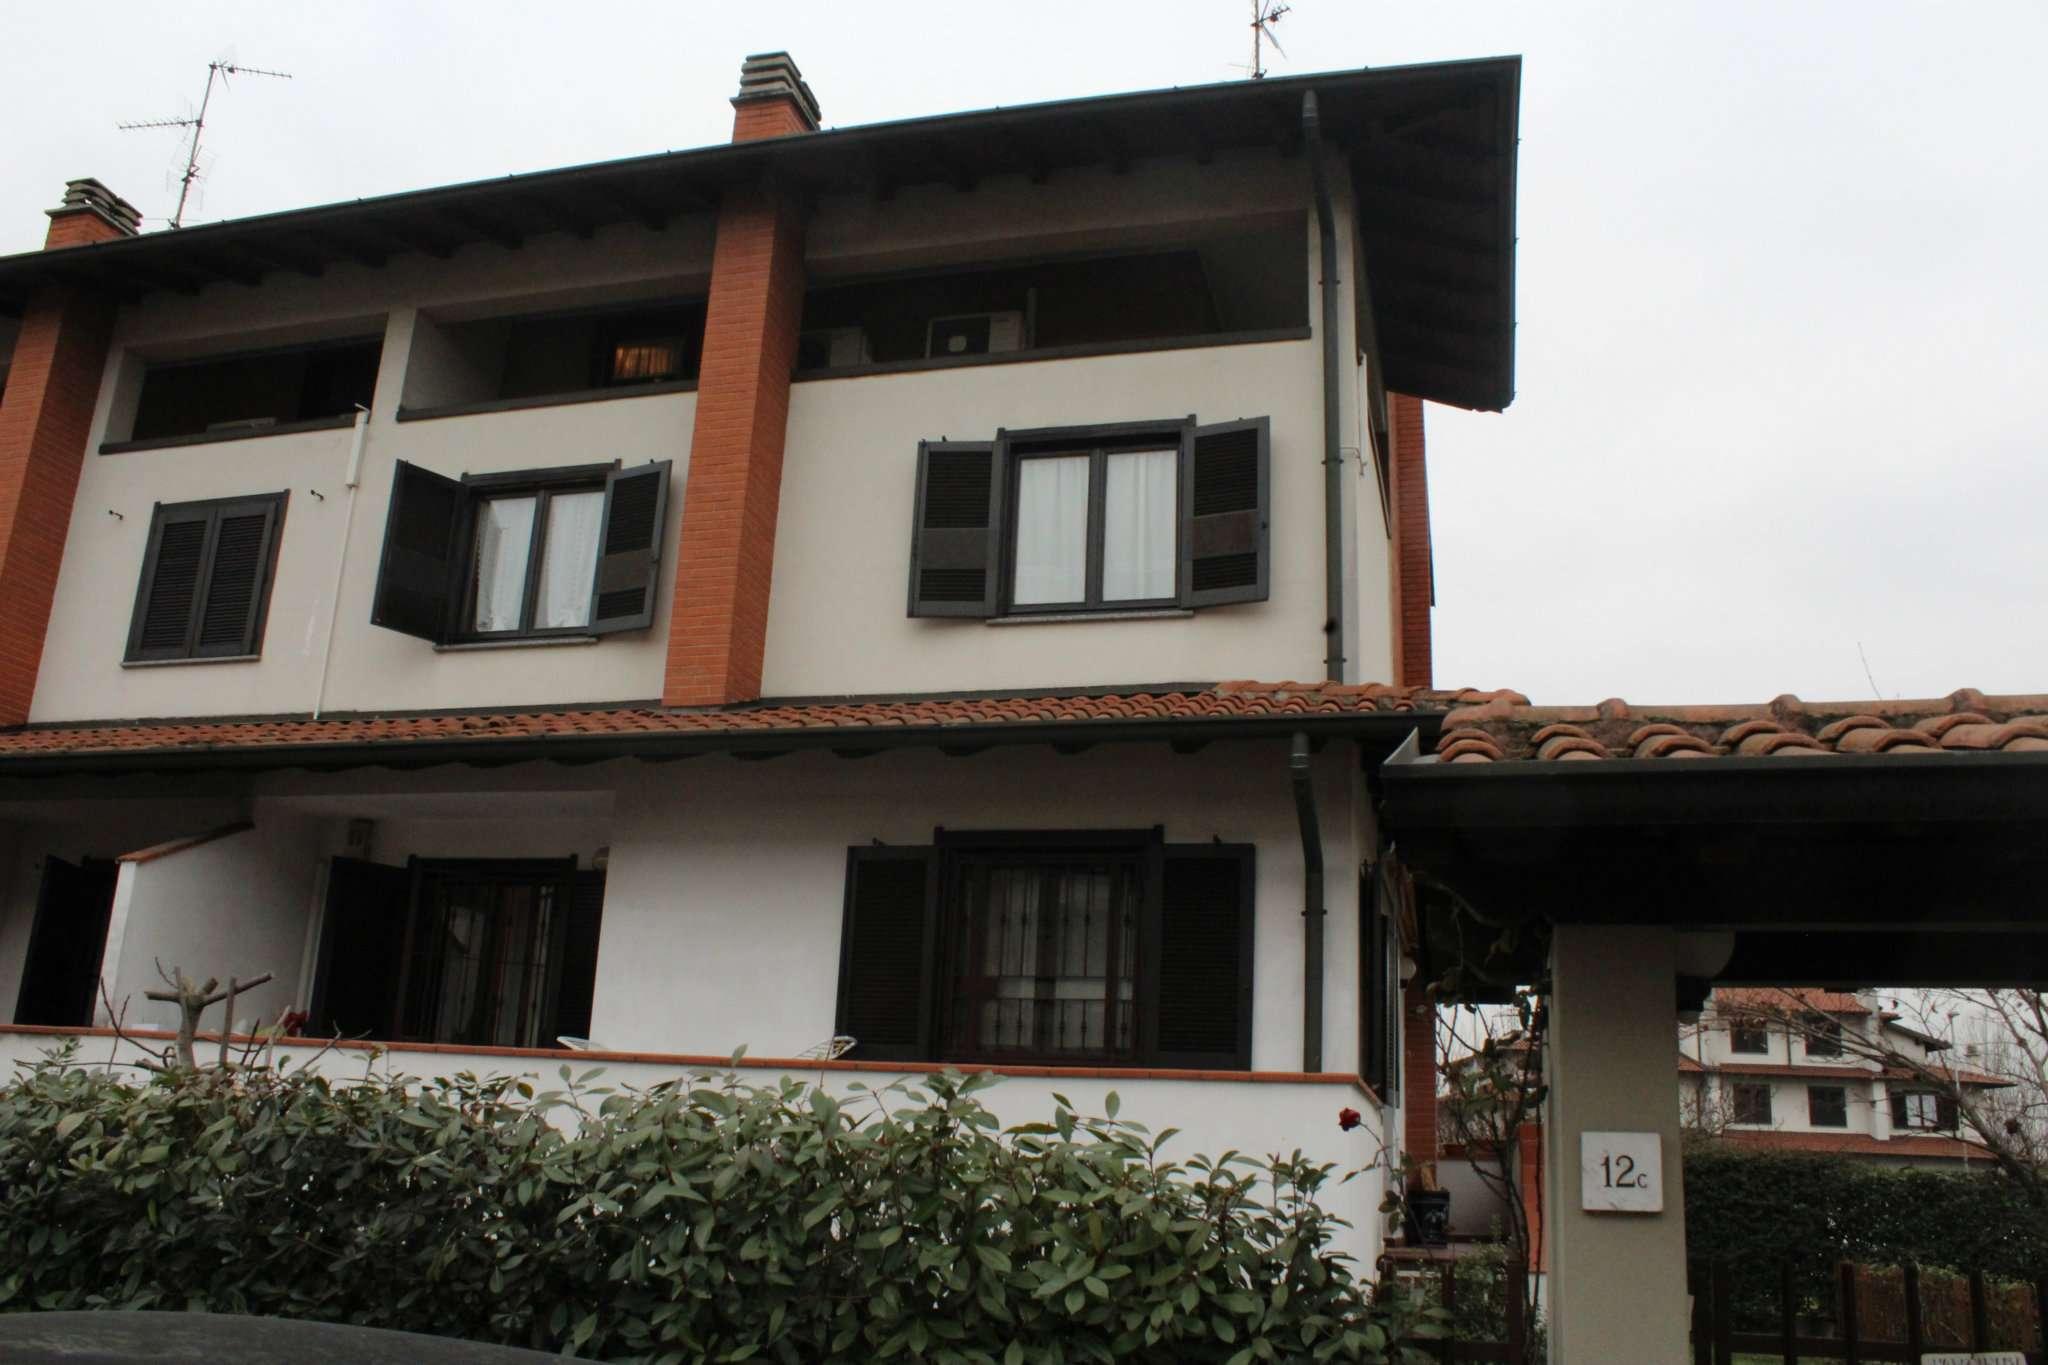 Villa Bifamiliare in Vendita a Vimodrone